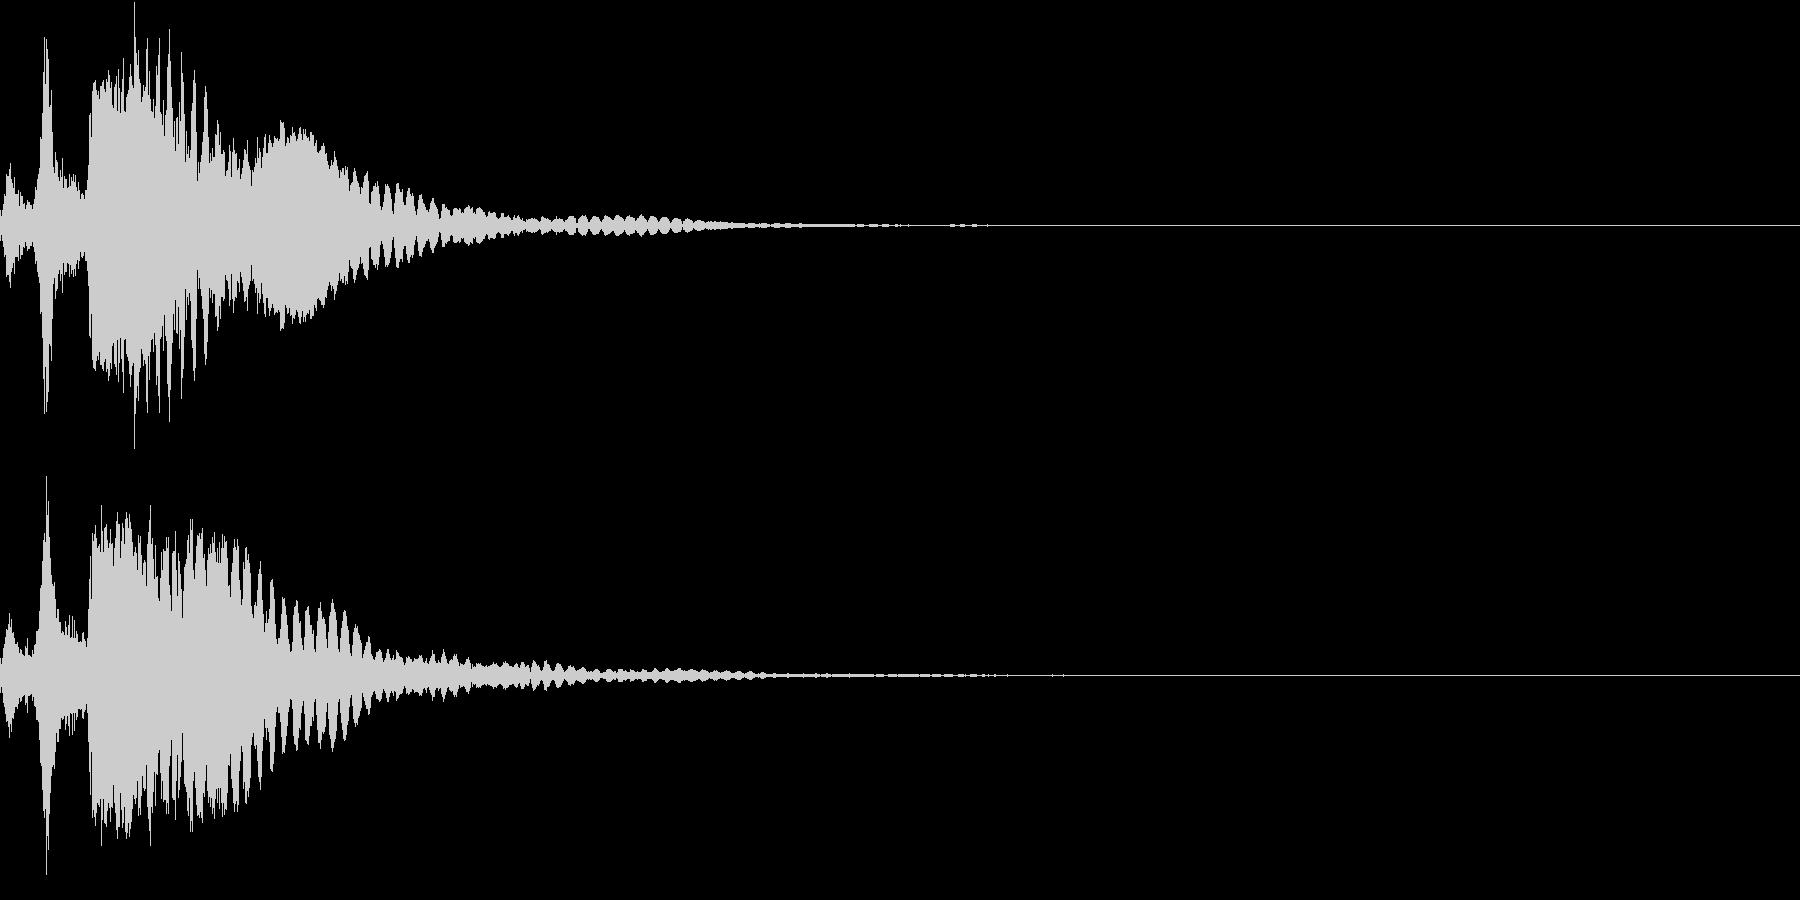 刀 キーン 剣 リアル インパクト Dの未再生の波形